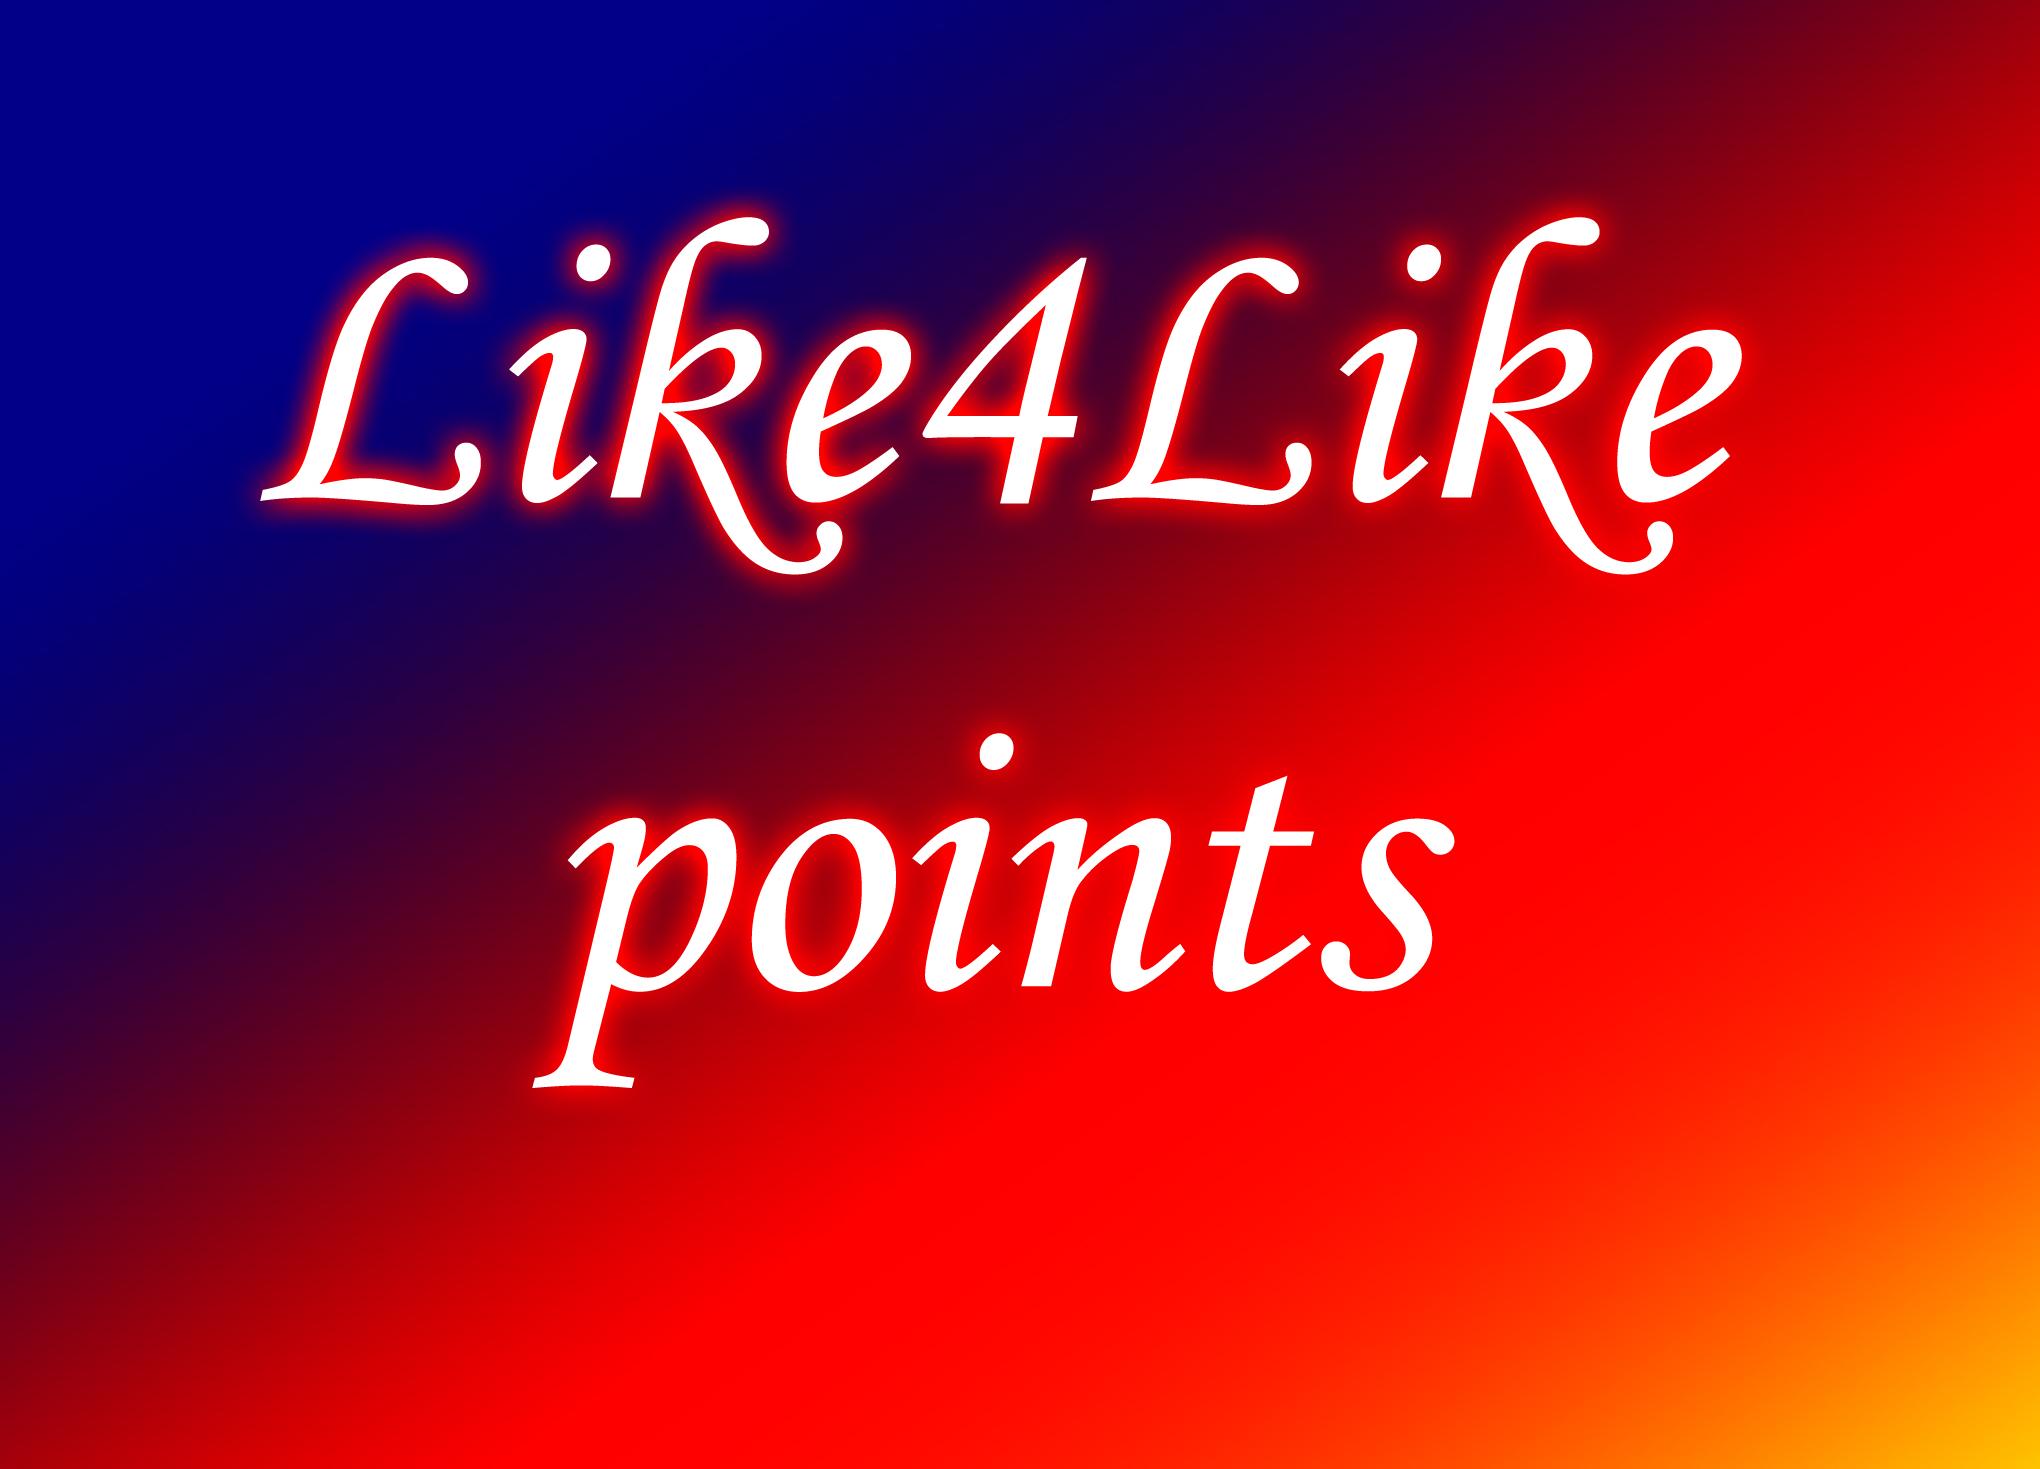 20000 like4like points